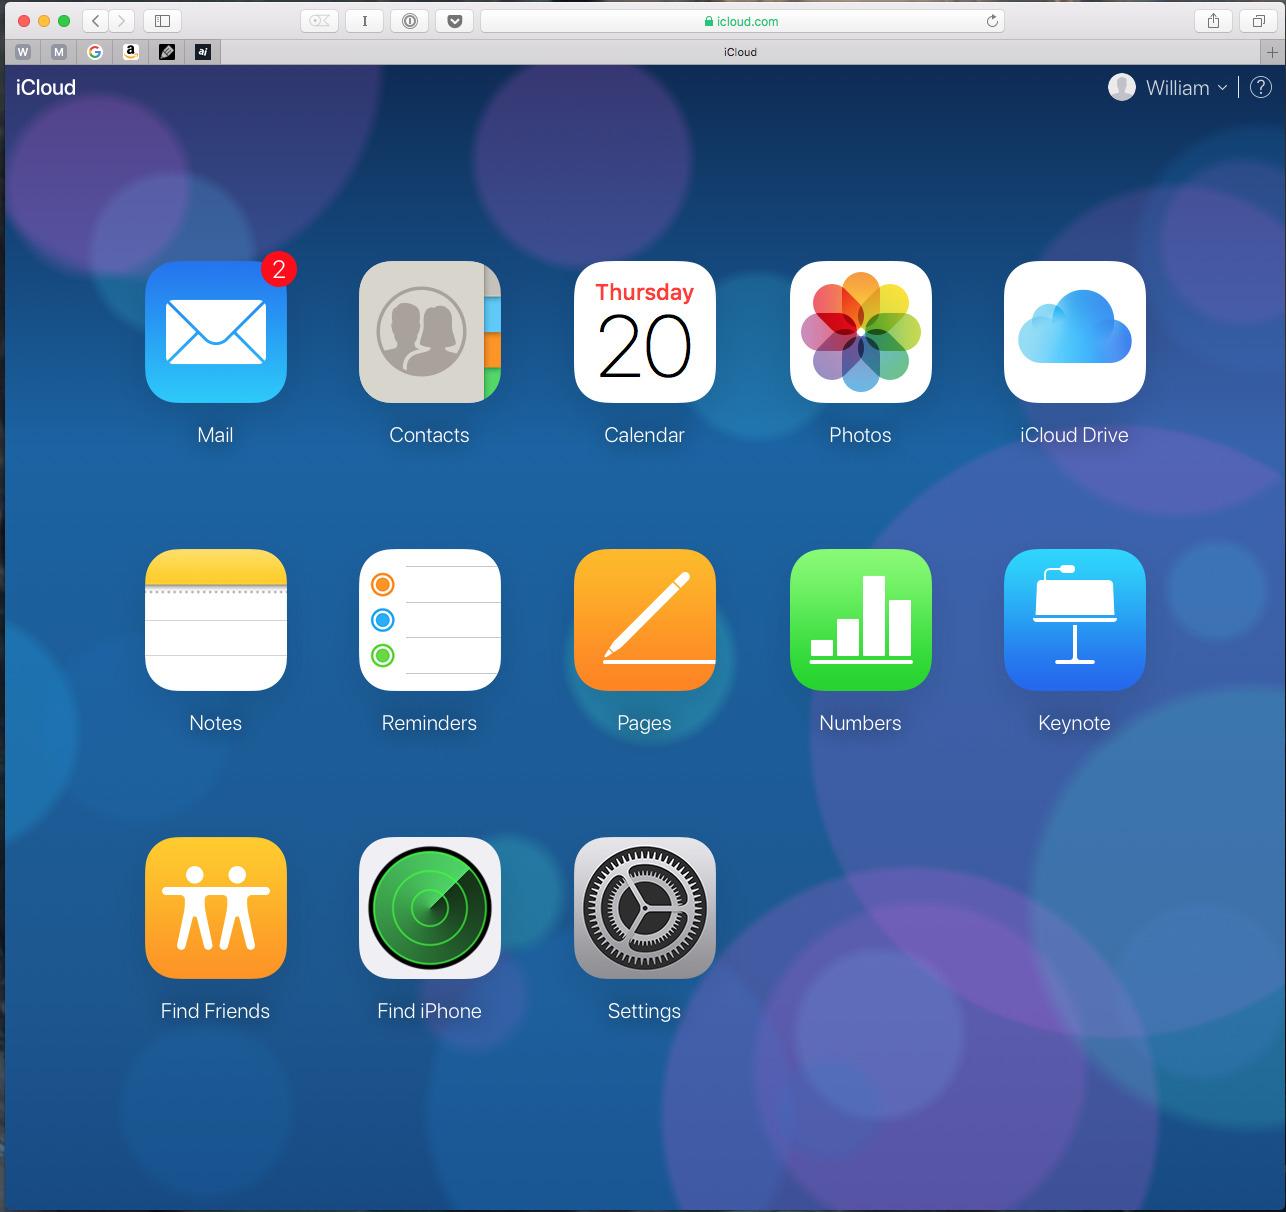 Main page of iCloud.com